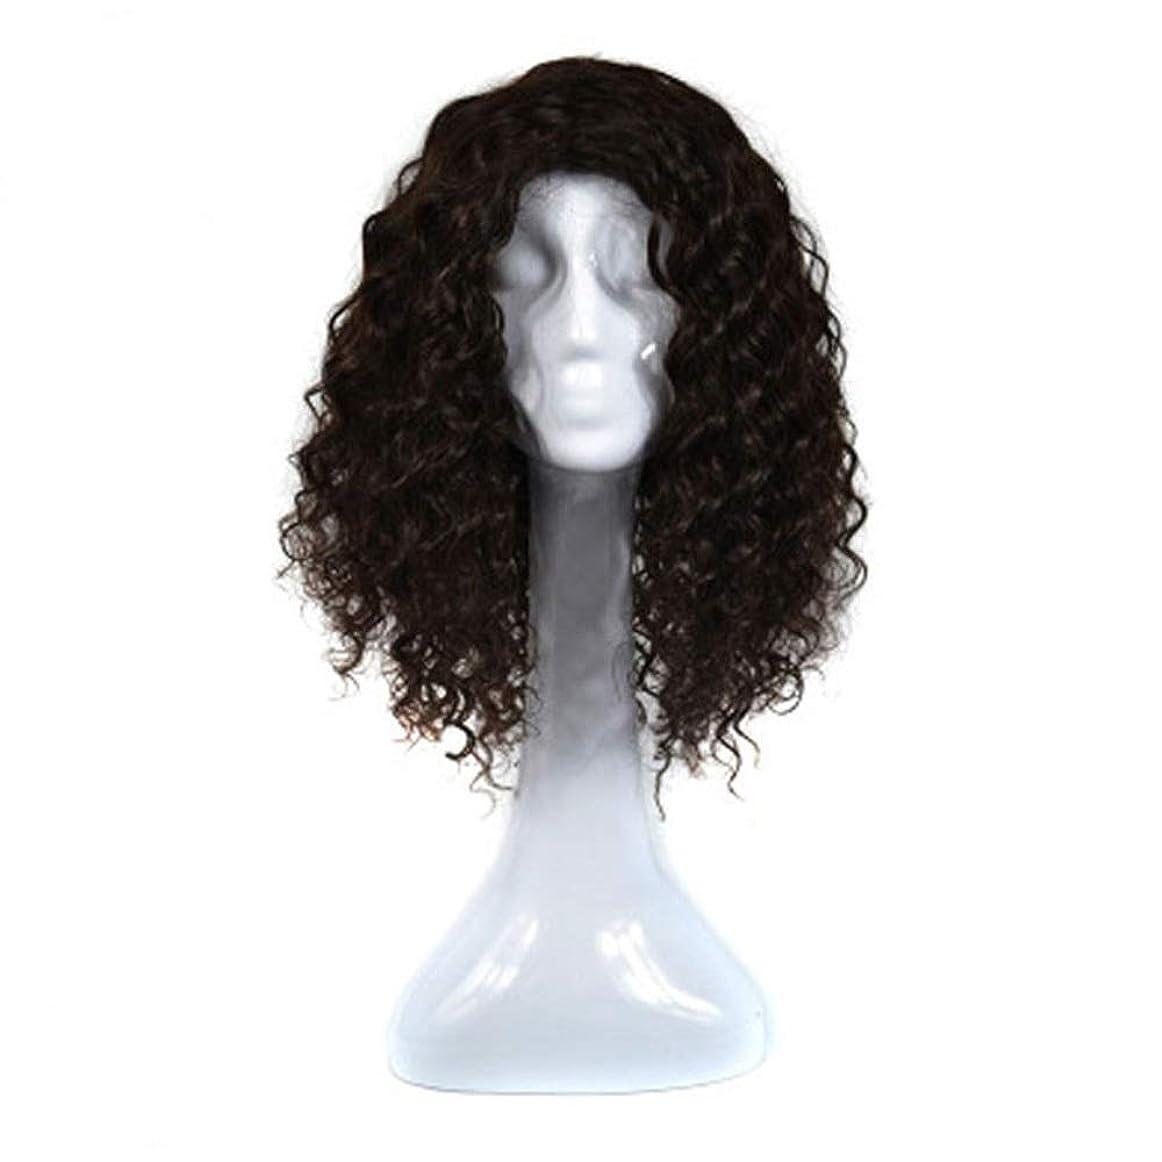 ナラーバー電気陽性思い出すYrattary 女性の本物の人間の髪の毛の波状の髪の毛延長 - 4#茶色がかった黒い合成髪のレースのかつらロールプレイングかつらロングとショートの女性自然 (色 : 黒)